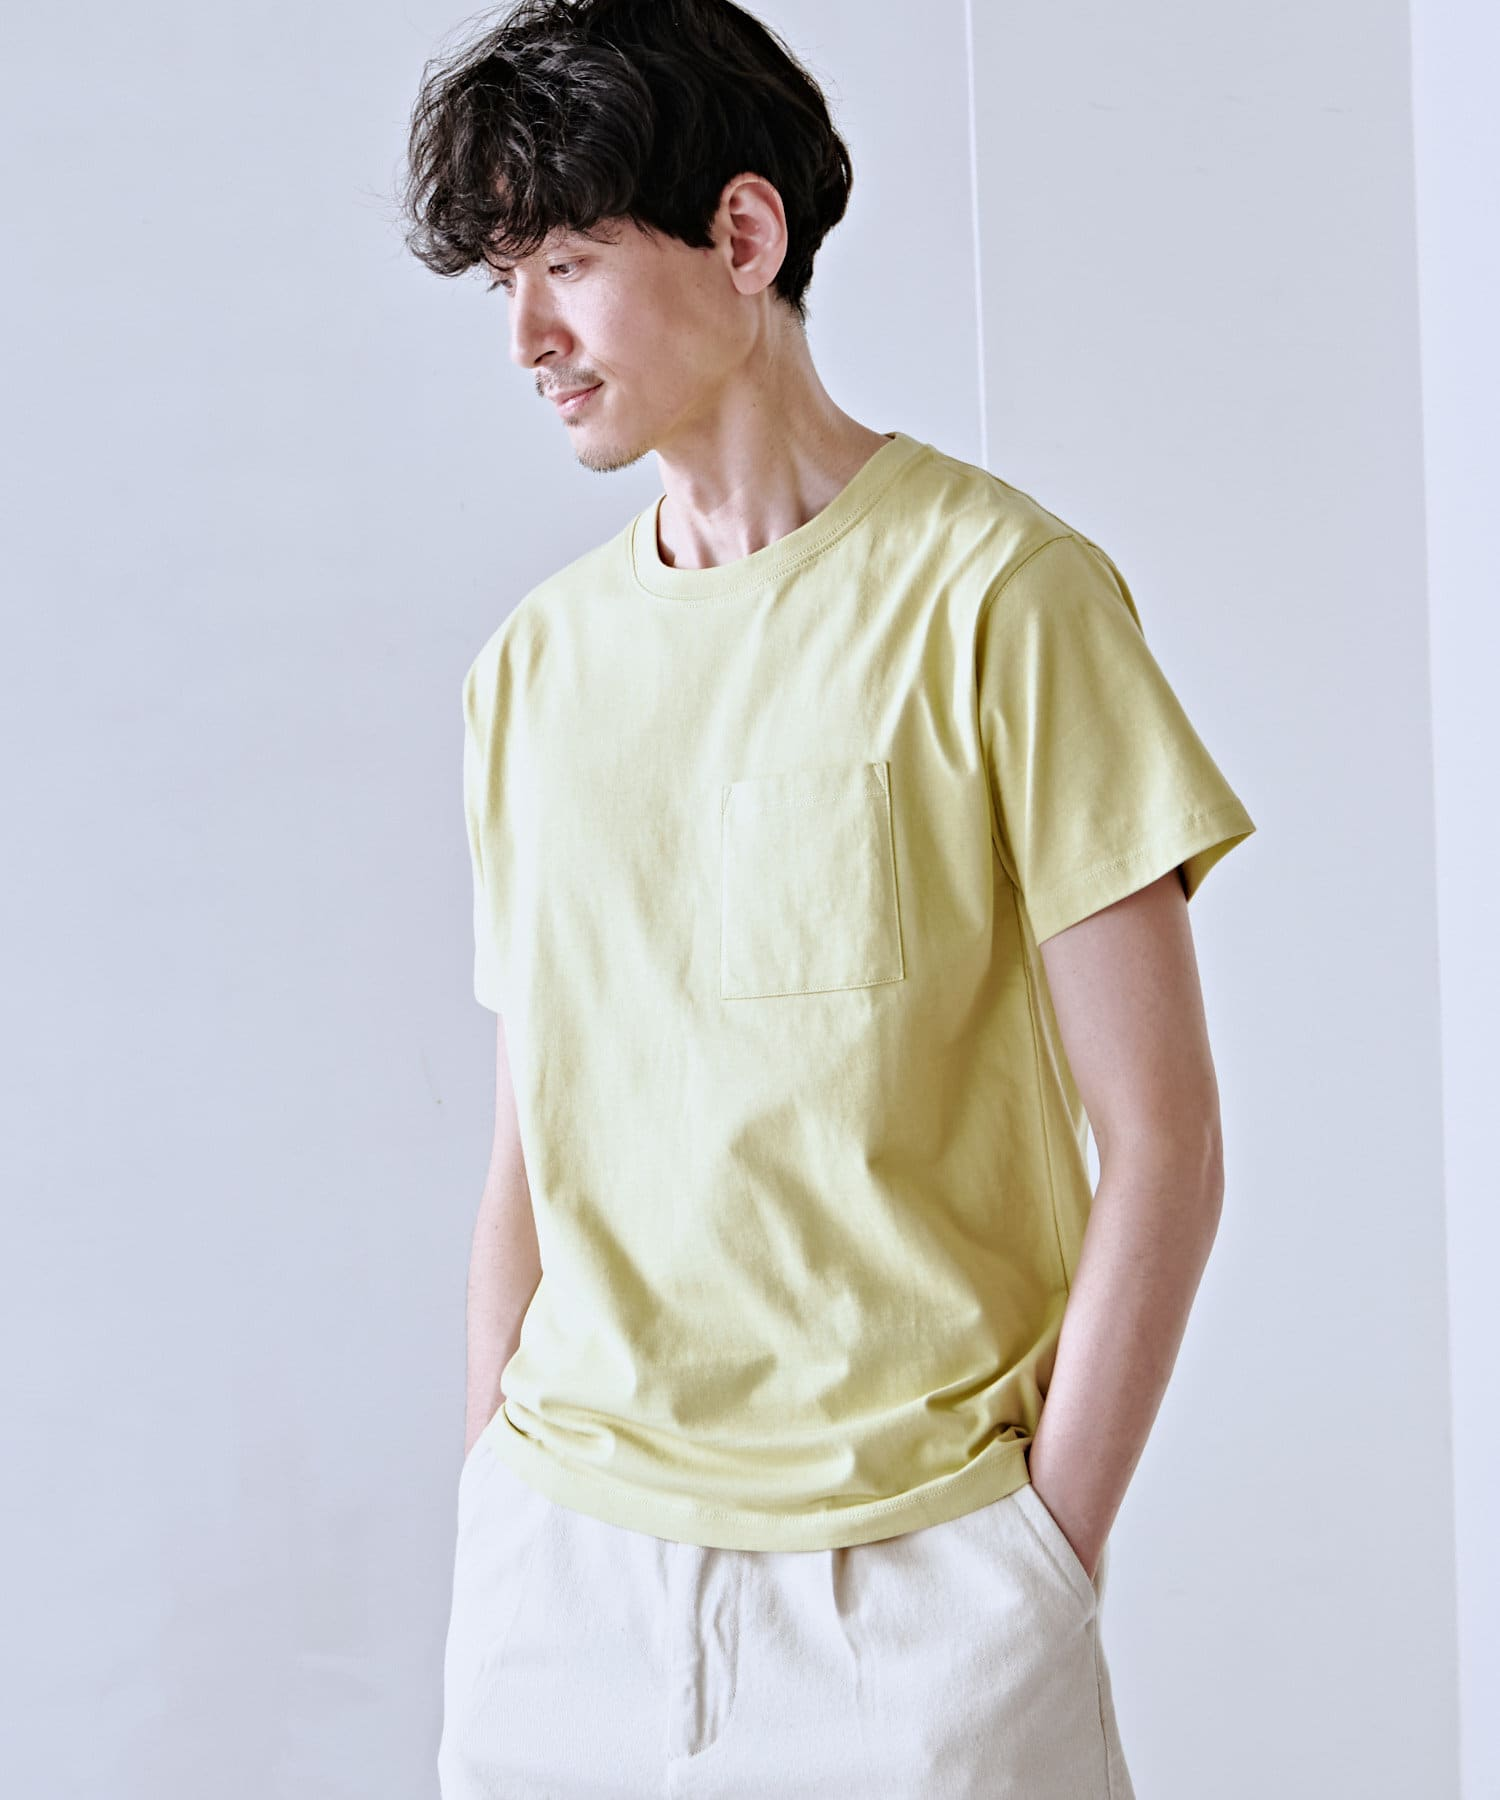 Discoat(ディスコート) メンズ USコットン胸ポケTシャツ ライムグリーン